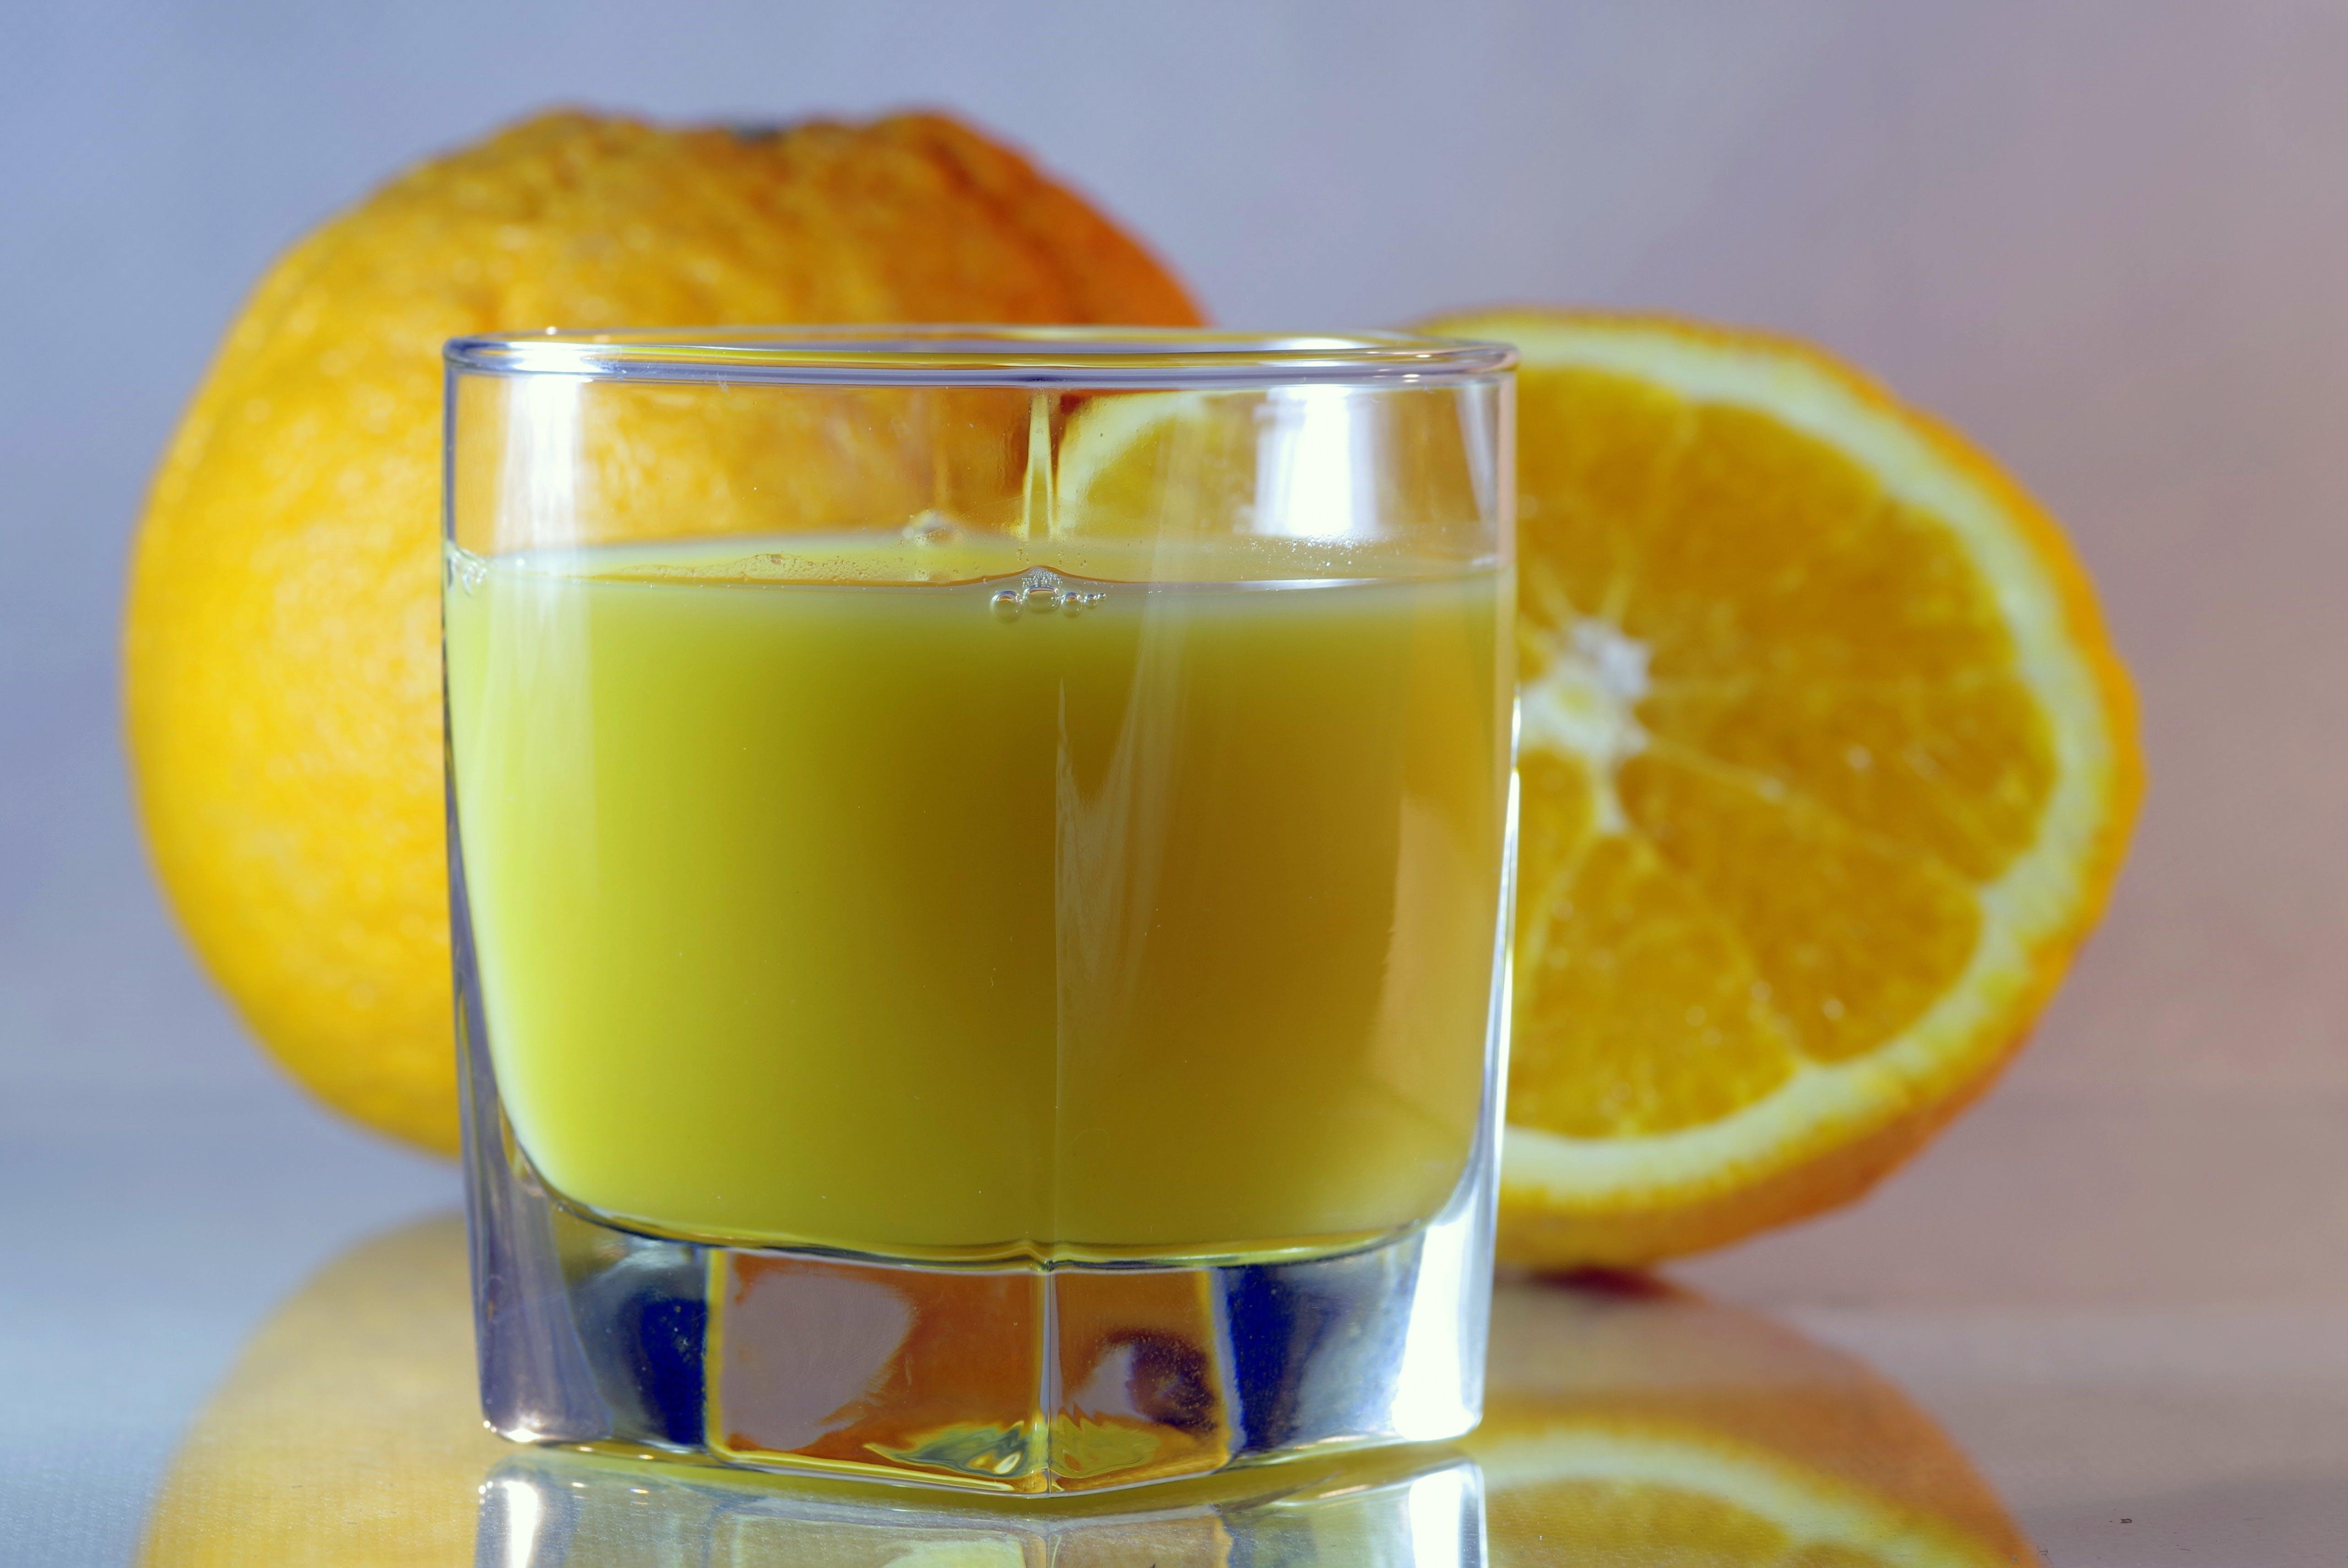 Lemonade Juice in Clear Glass